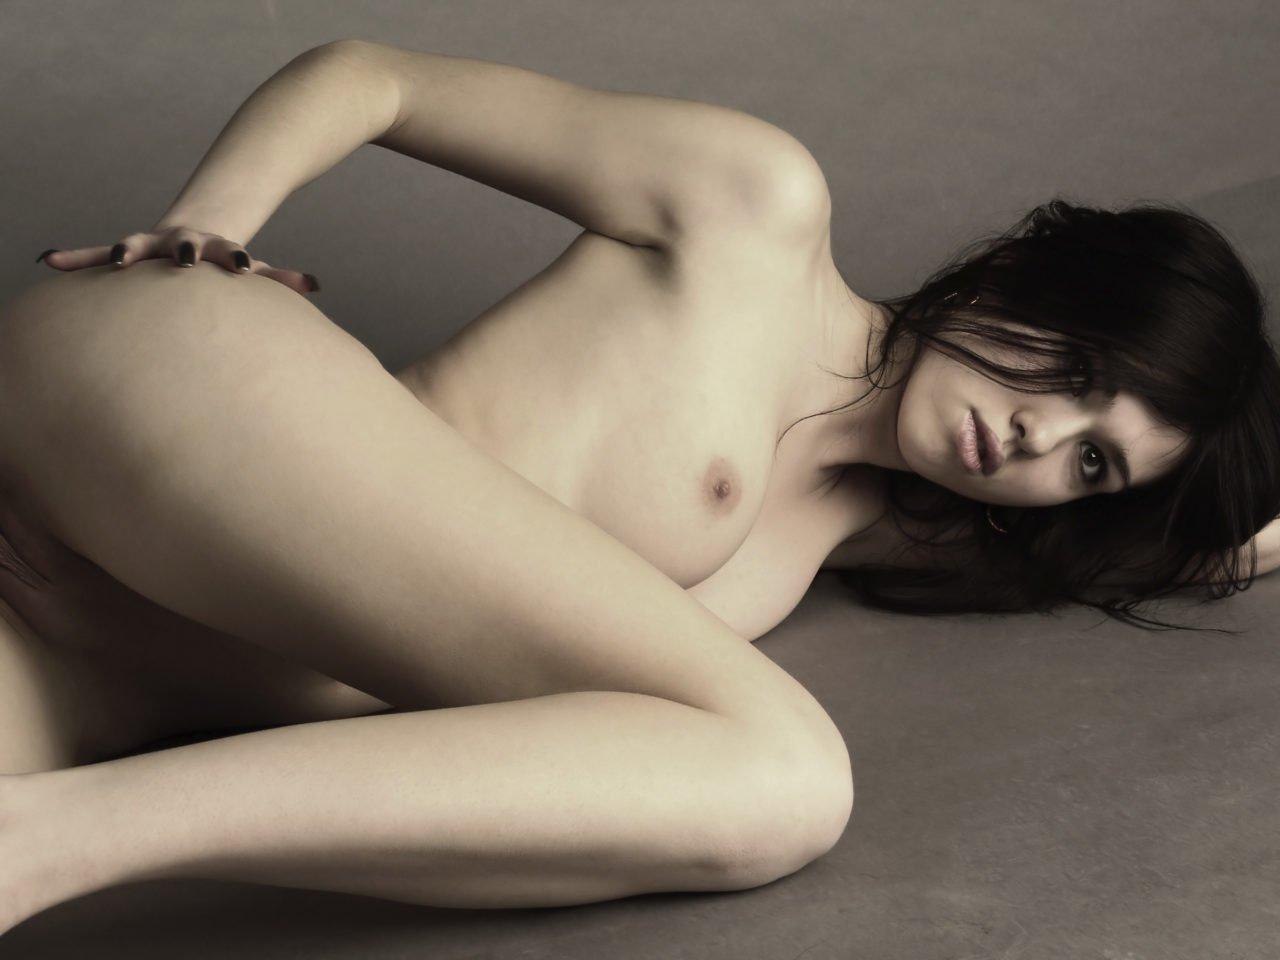 bryster mor porno